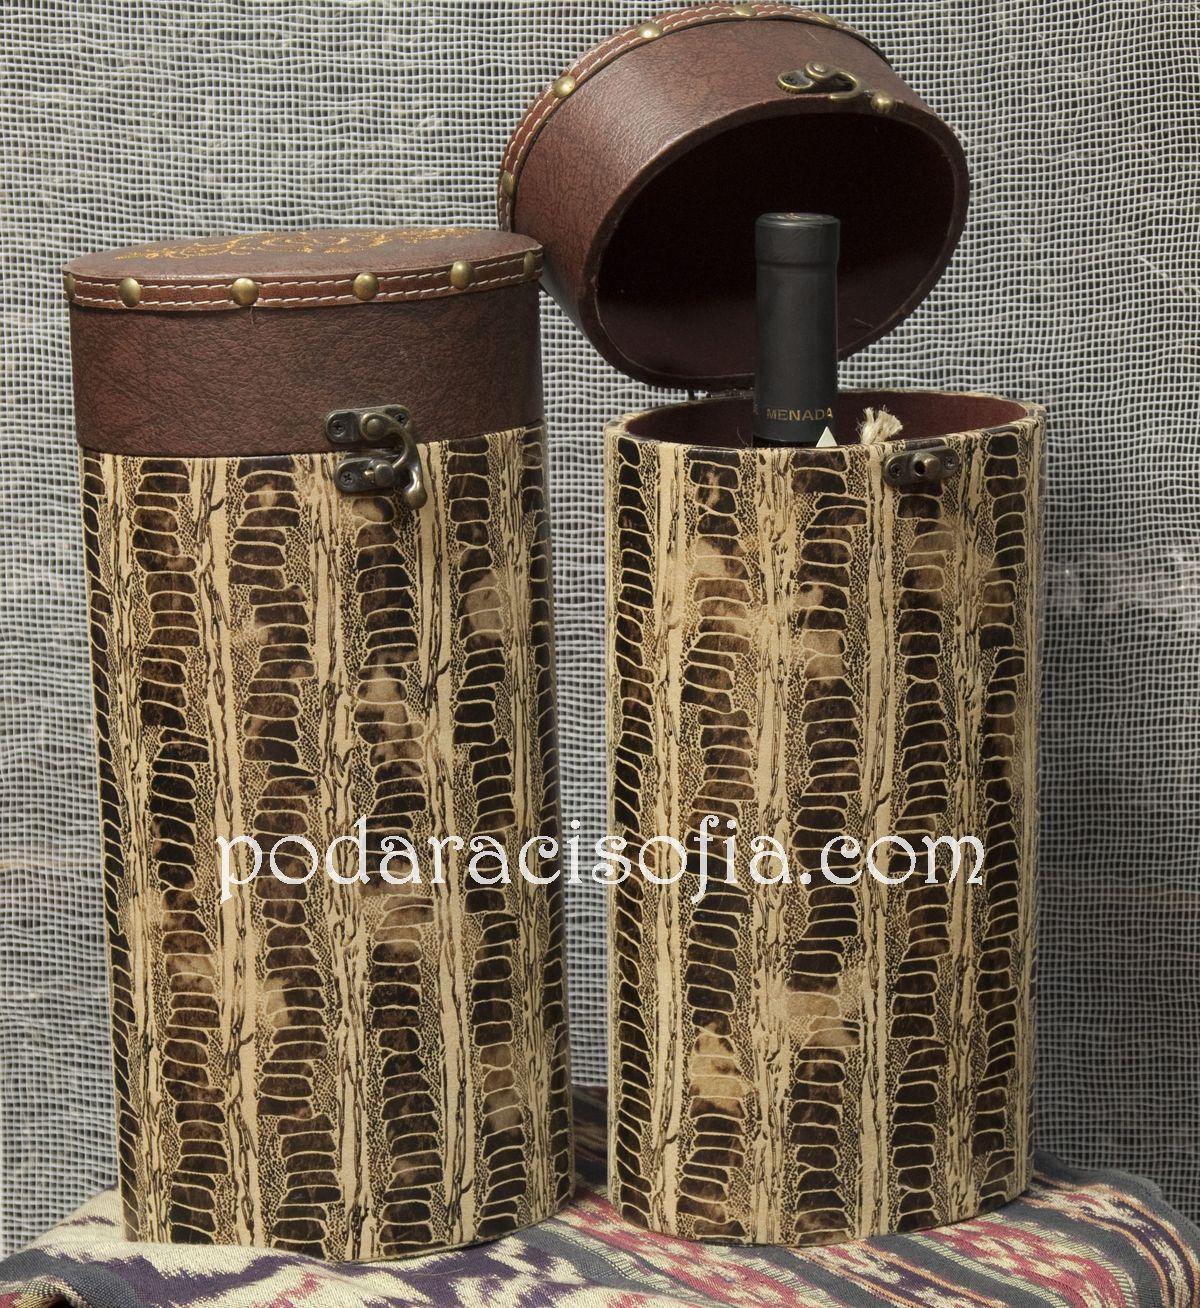 Кутия за бутилка в изправена позиция и украса имитираща змийски шарки.